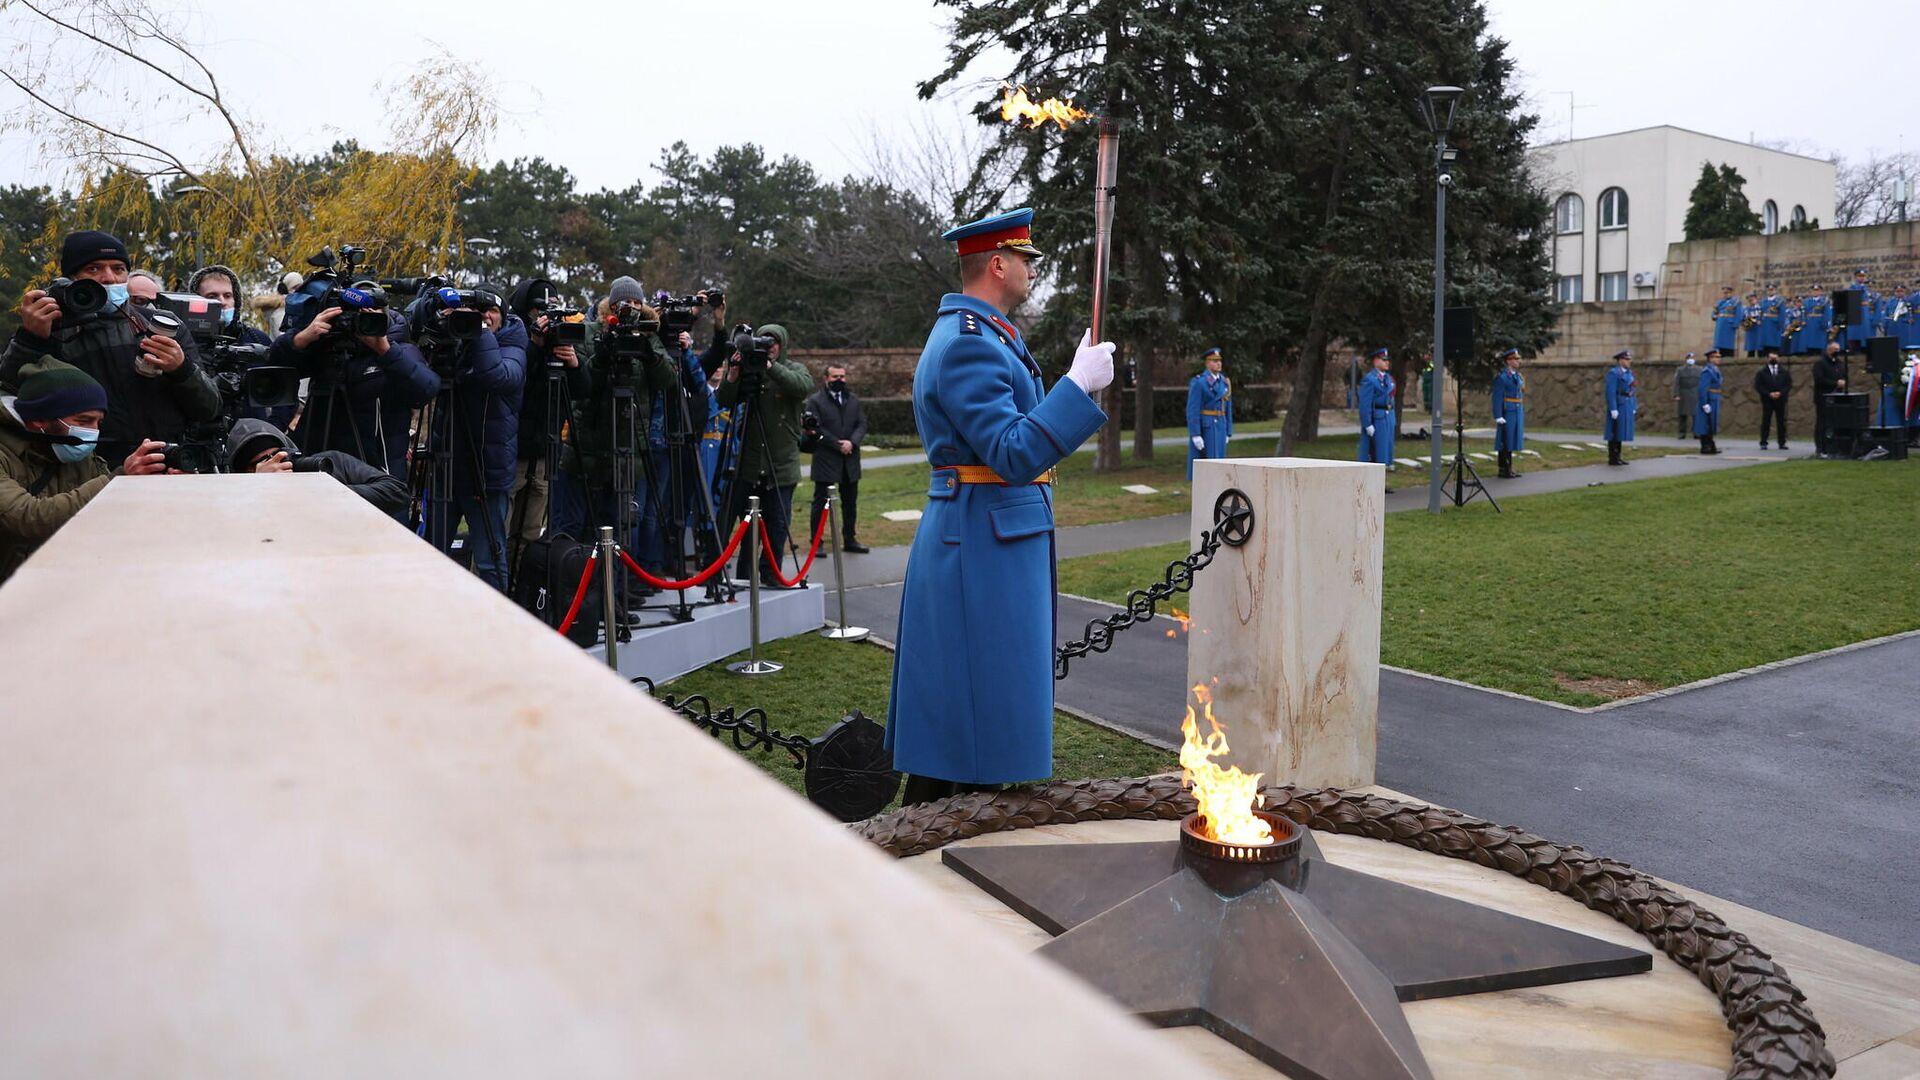 Церемония зажжения Вечного огня на Кладбище освободителей в Белграде, Сербия - РИА Новости, 1920, 31.12.2020